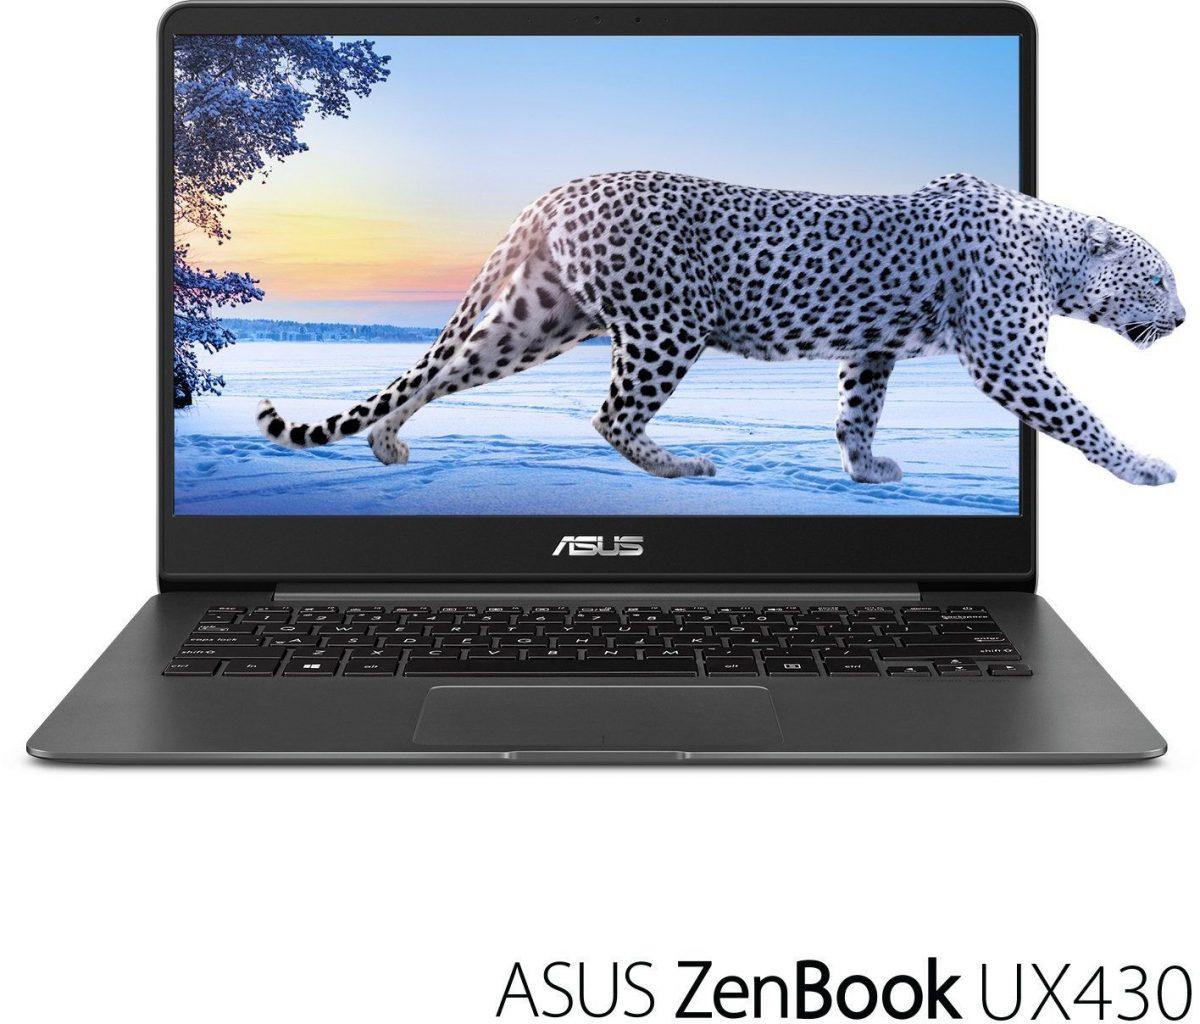 ASUS ZenBook UX430UA-DH74 14-inch laptop